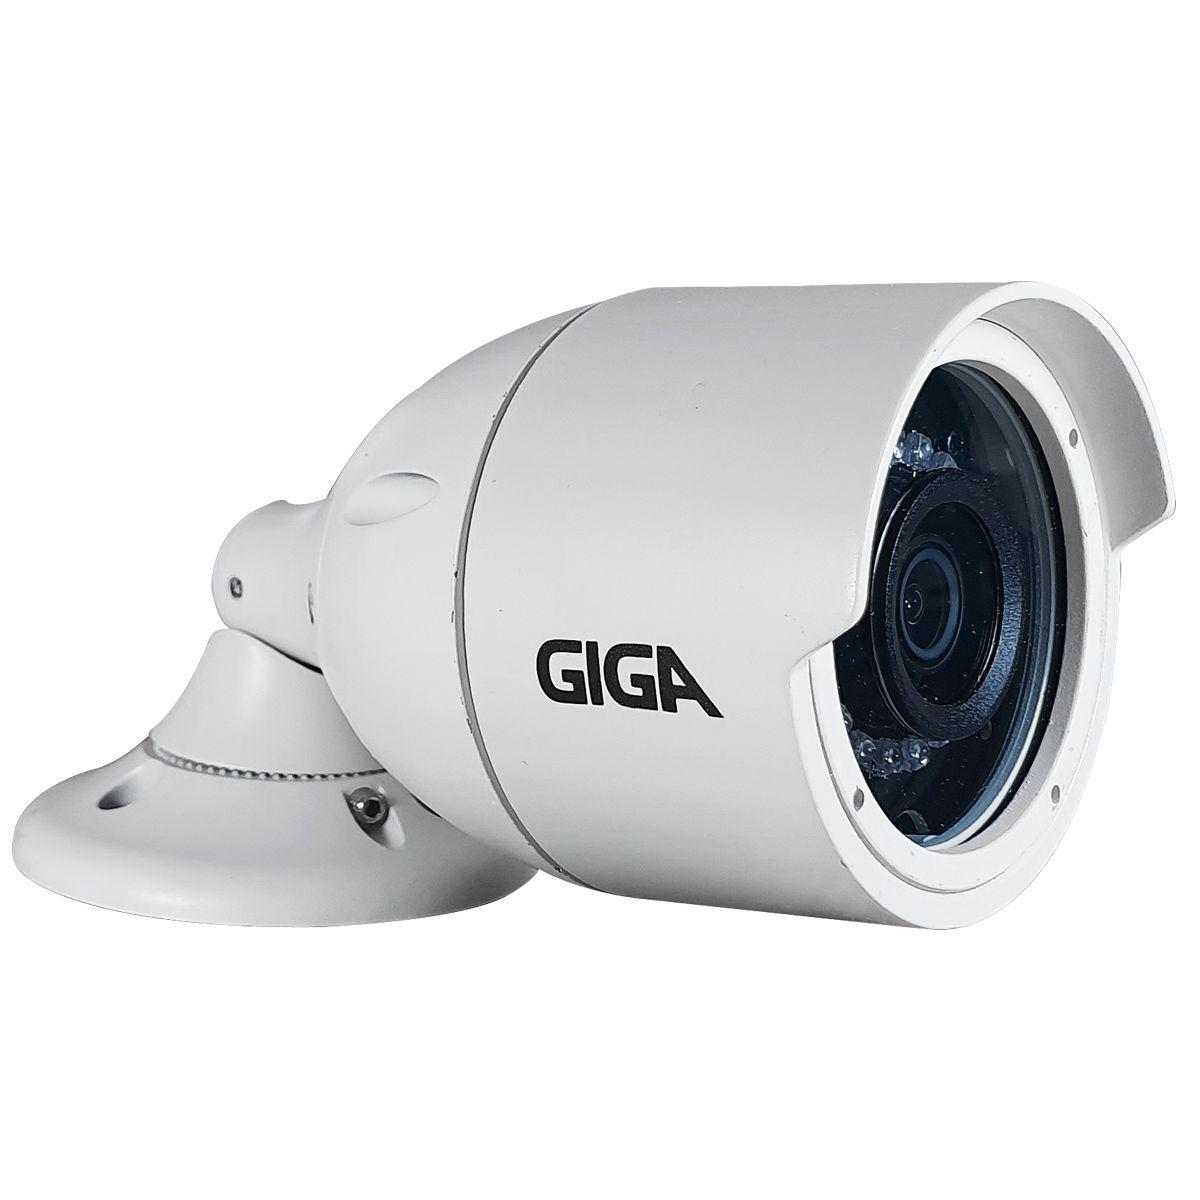 Kit 10 Câmeras 5MP + DVR Giga +  HD 1TB + App de  Monitoramento, Câmeras 30m Infravermelho de Visão Noturna Giga Security GS0047 Completo com Acessórios  - Tudo Forte